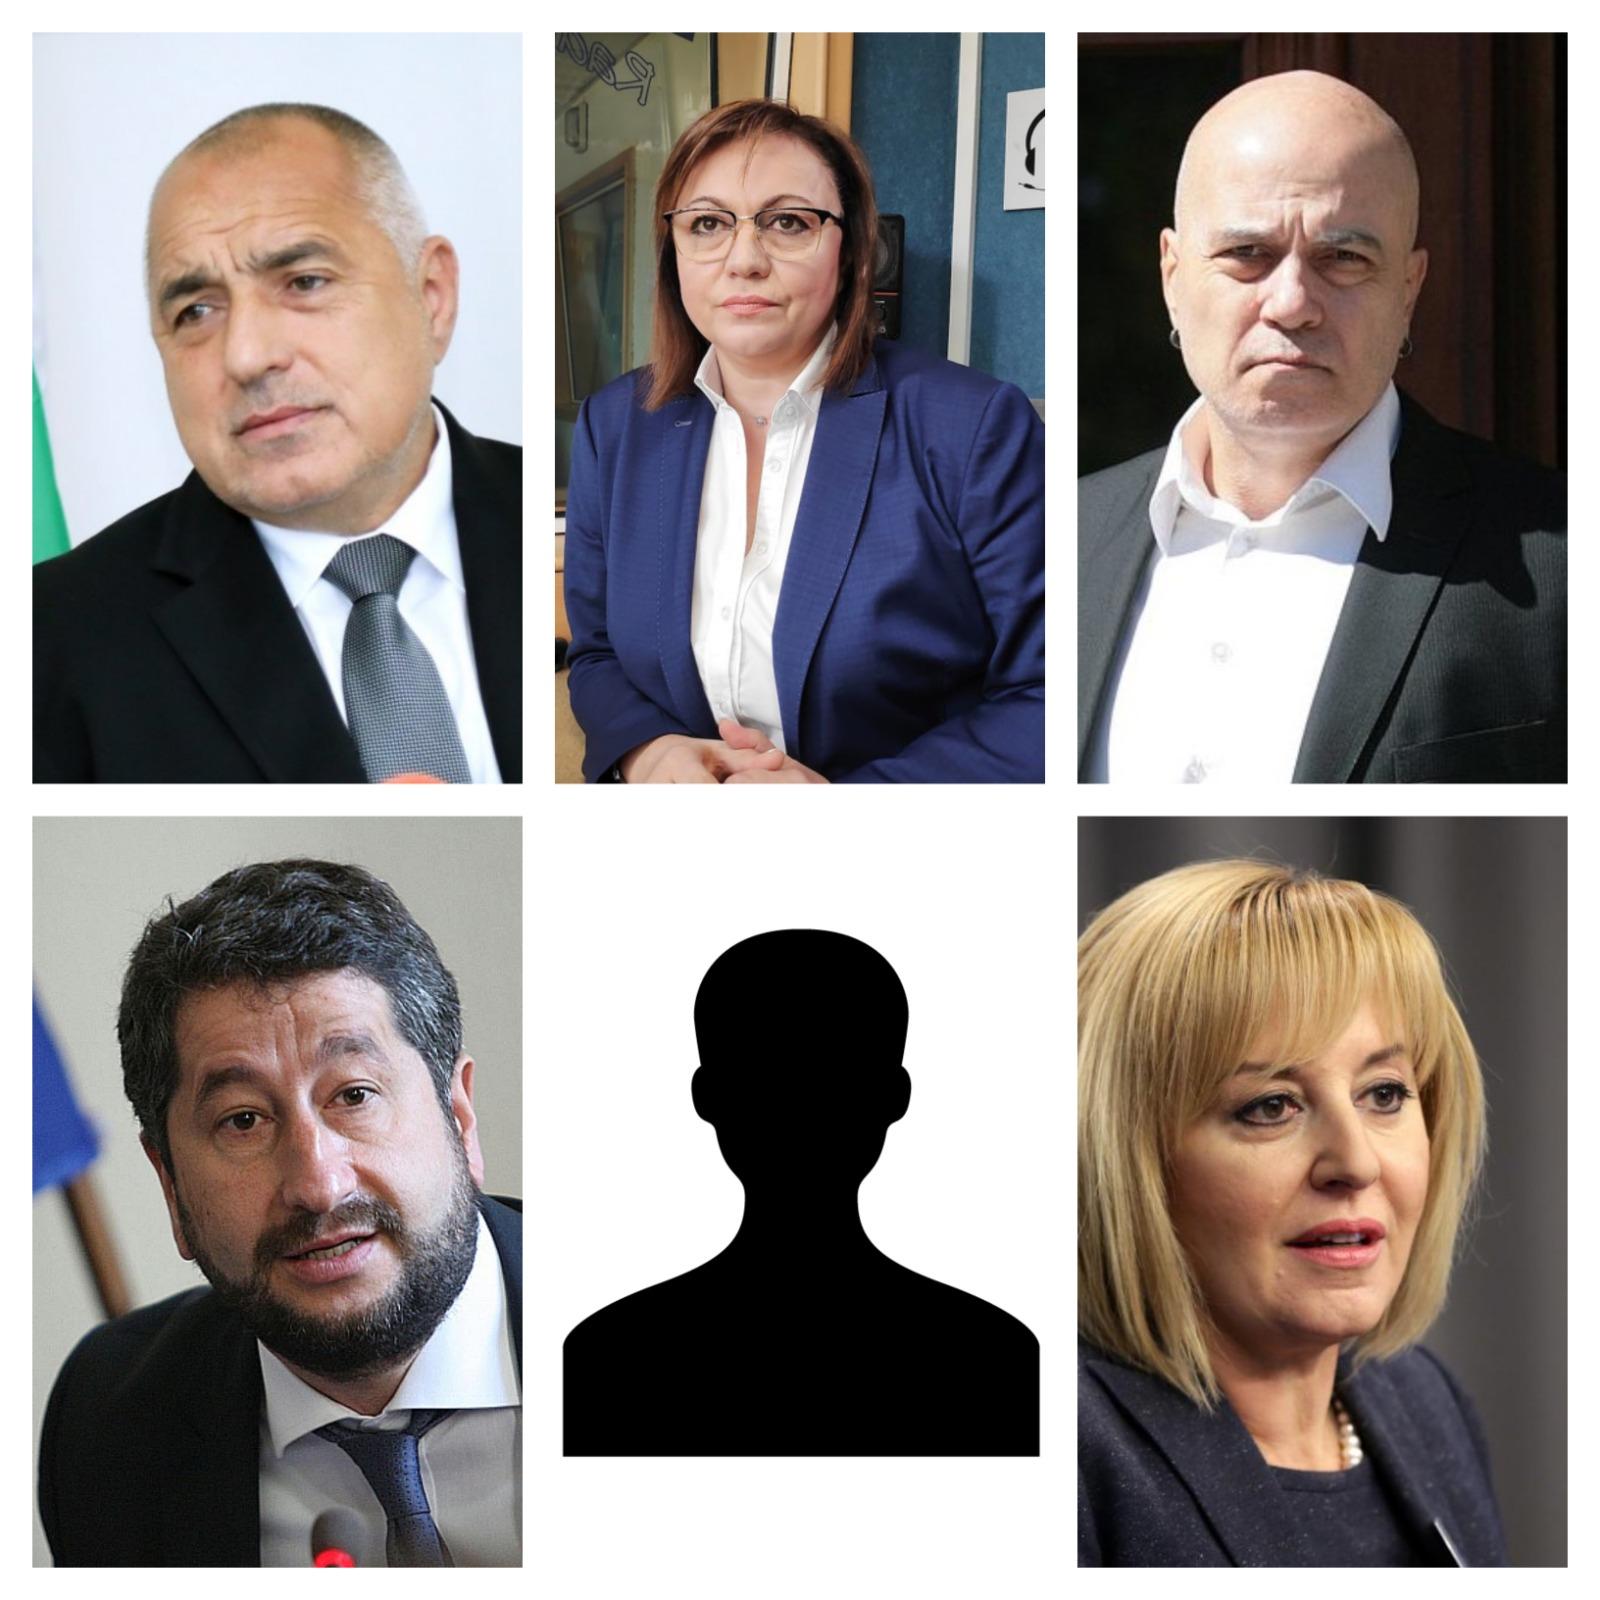 Шестима кандидати за следващ премиер – а дали не е най-добър седмият вариант?